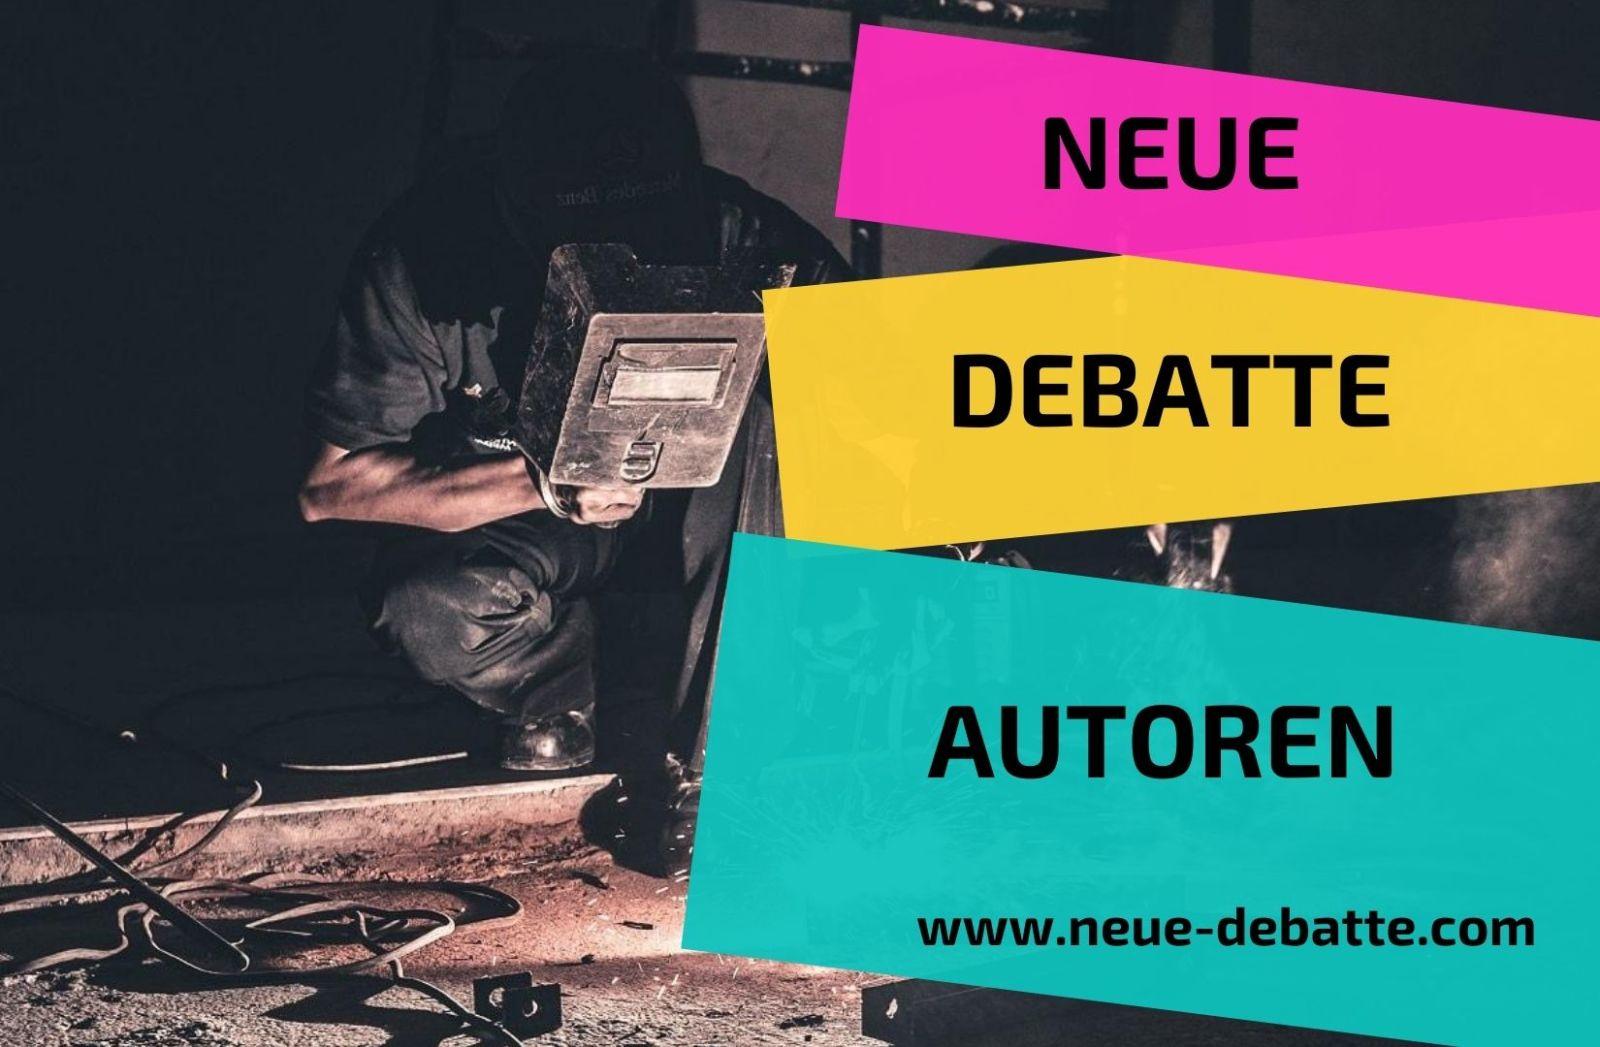 Neue Debatte Autoren